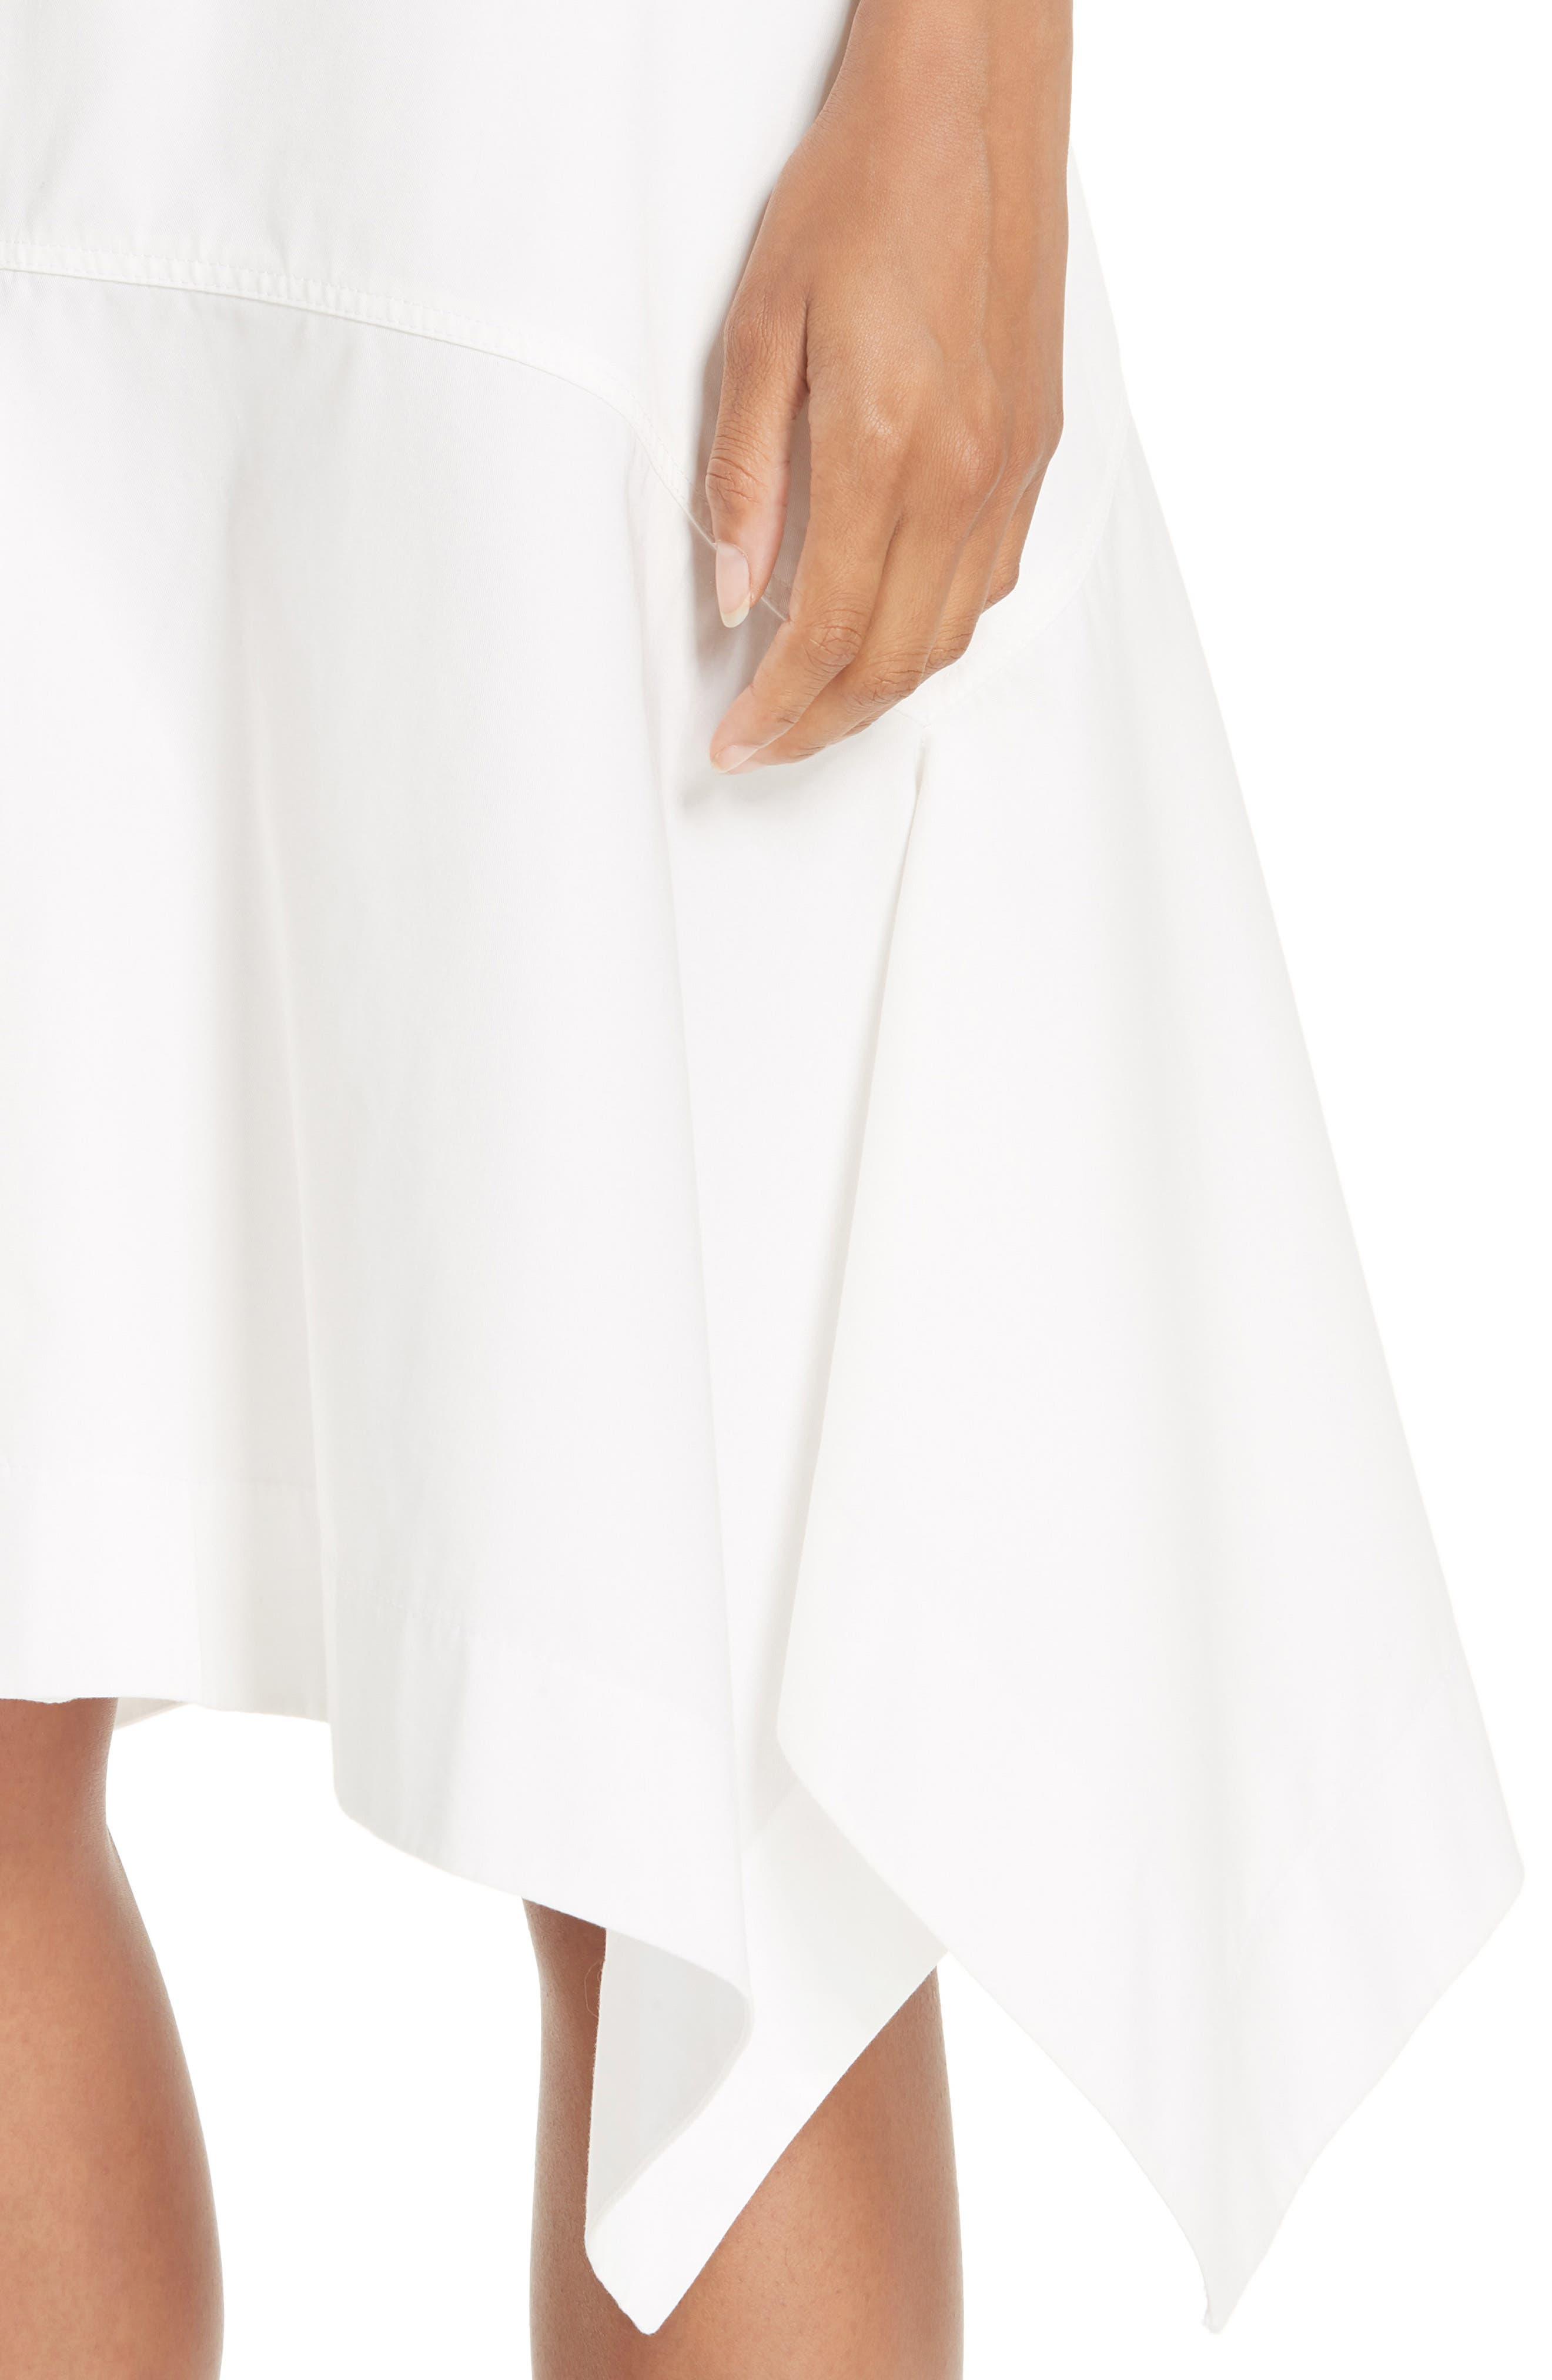 CALVIN KLEIN 205W39NYC, Sharkbite Hem Cotton Gabardine Skirt, Alternate thumbnail 4, color, WHITE